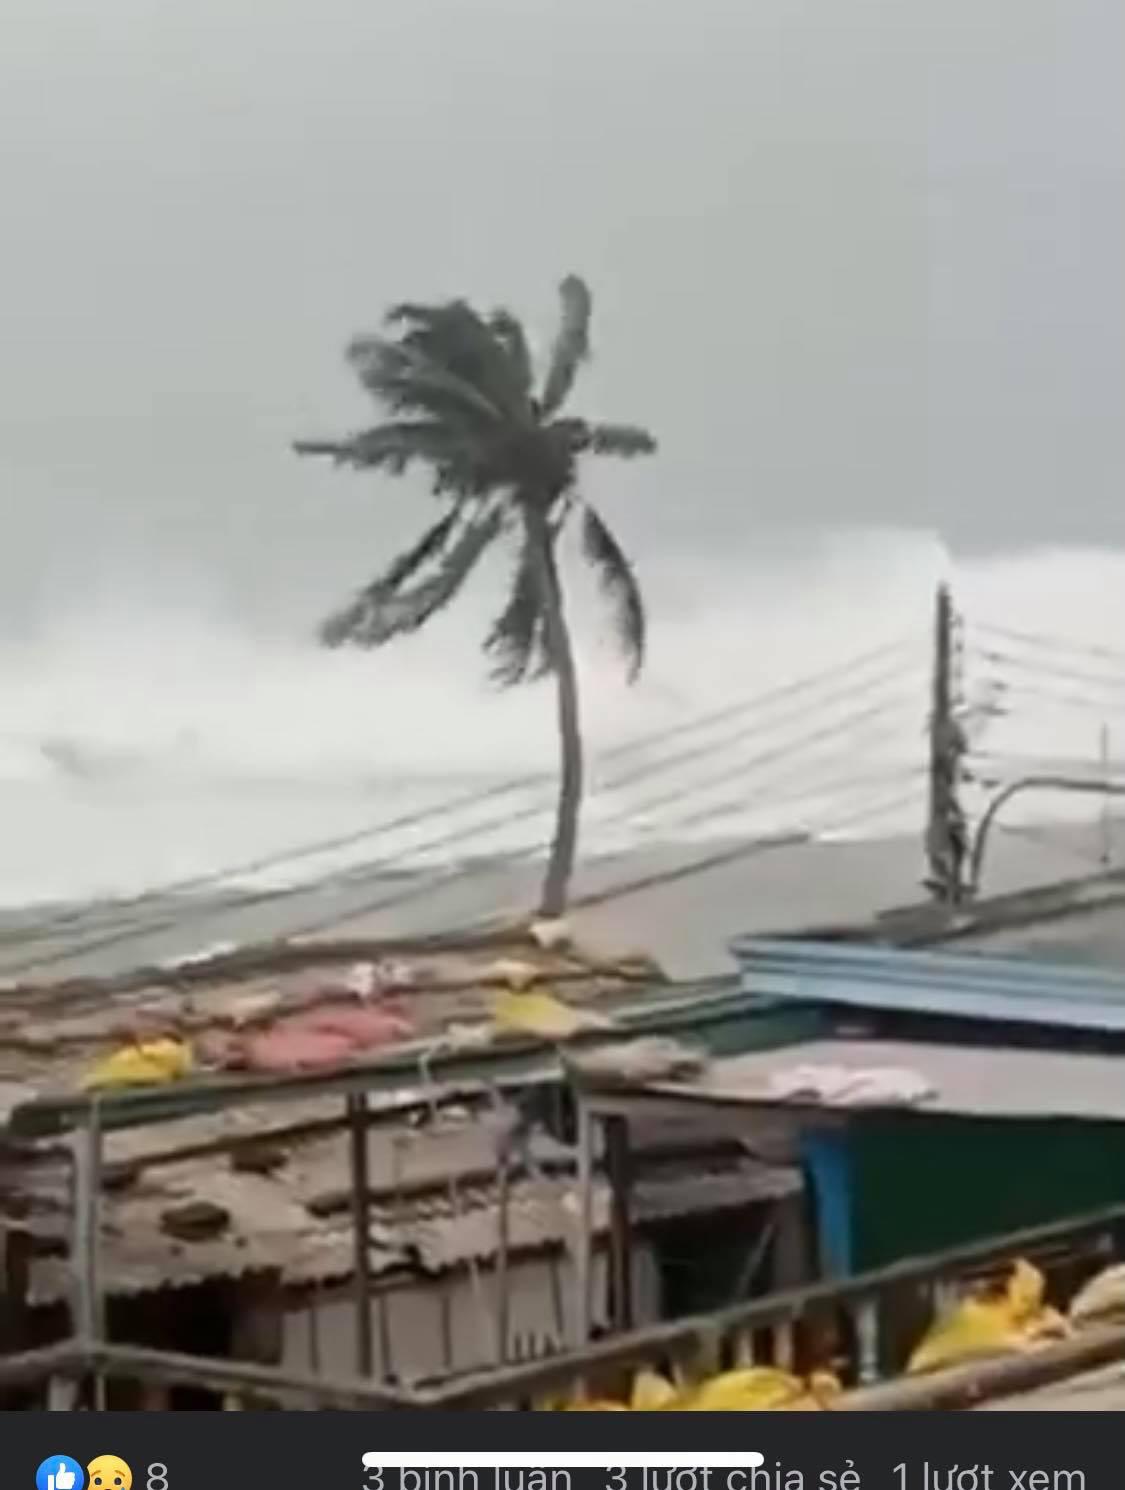 """Cơn """"cuồng phong"""" Molave tiến vào đất liền, đảo Lý Sơn gió rít chưa từng thấy, sóng biển lừng lững cao như toà nhà - Ảnh 4."""